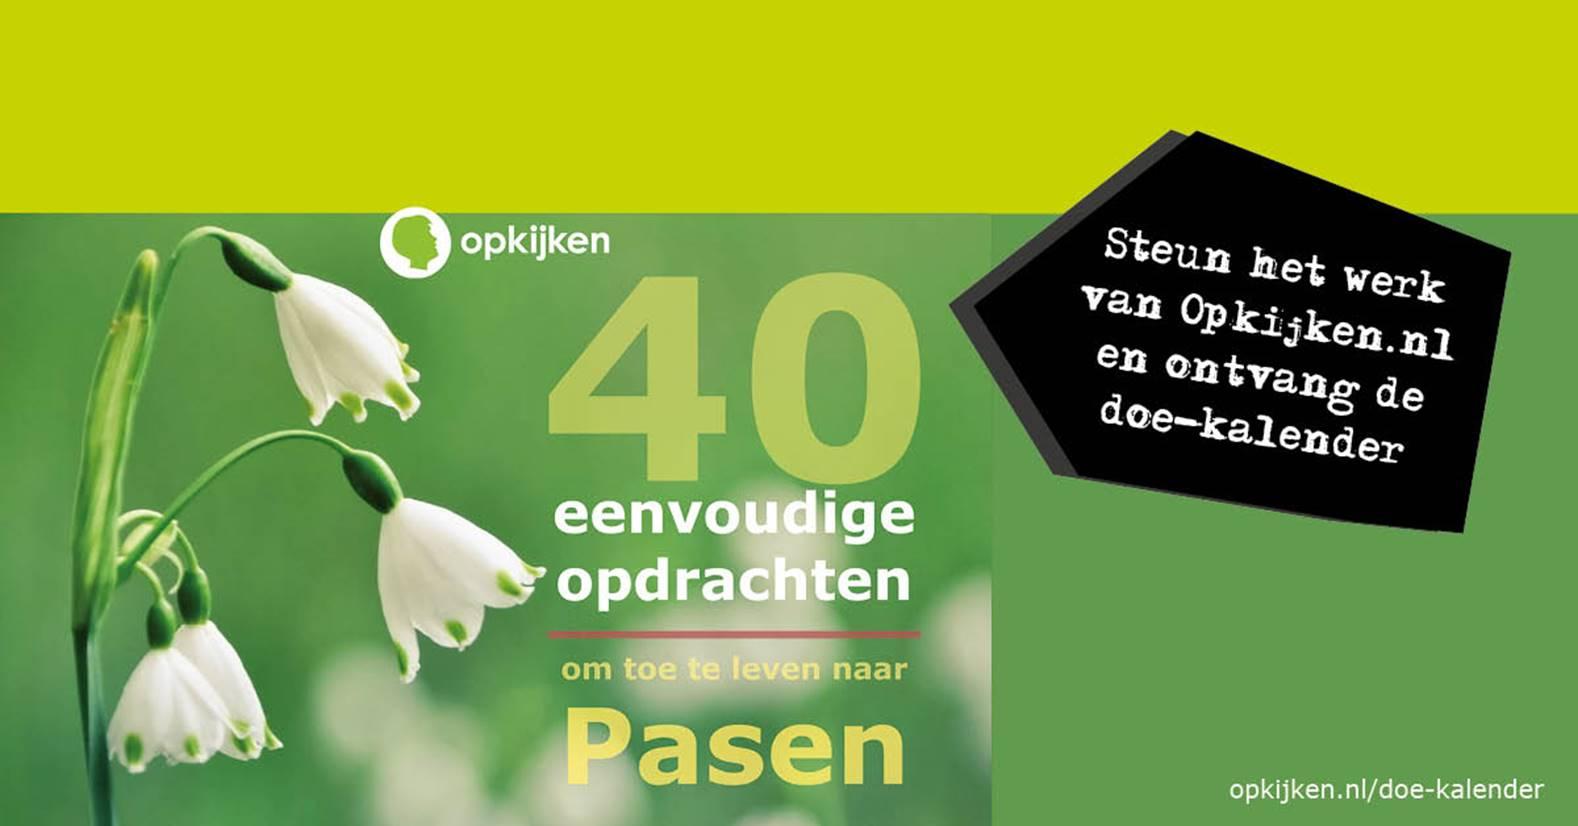 Steun het werk van Opkijken.nl en ontvang de doe-kalender